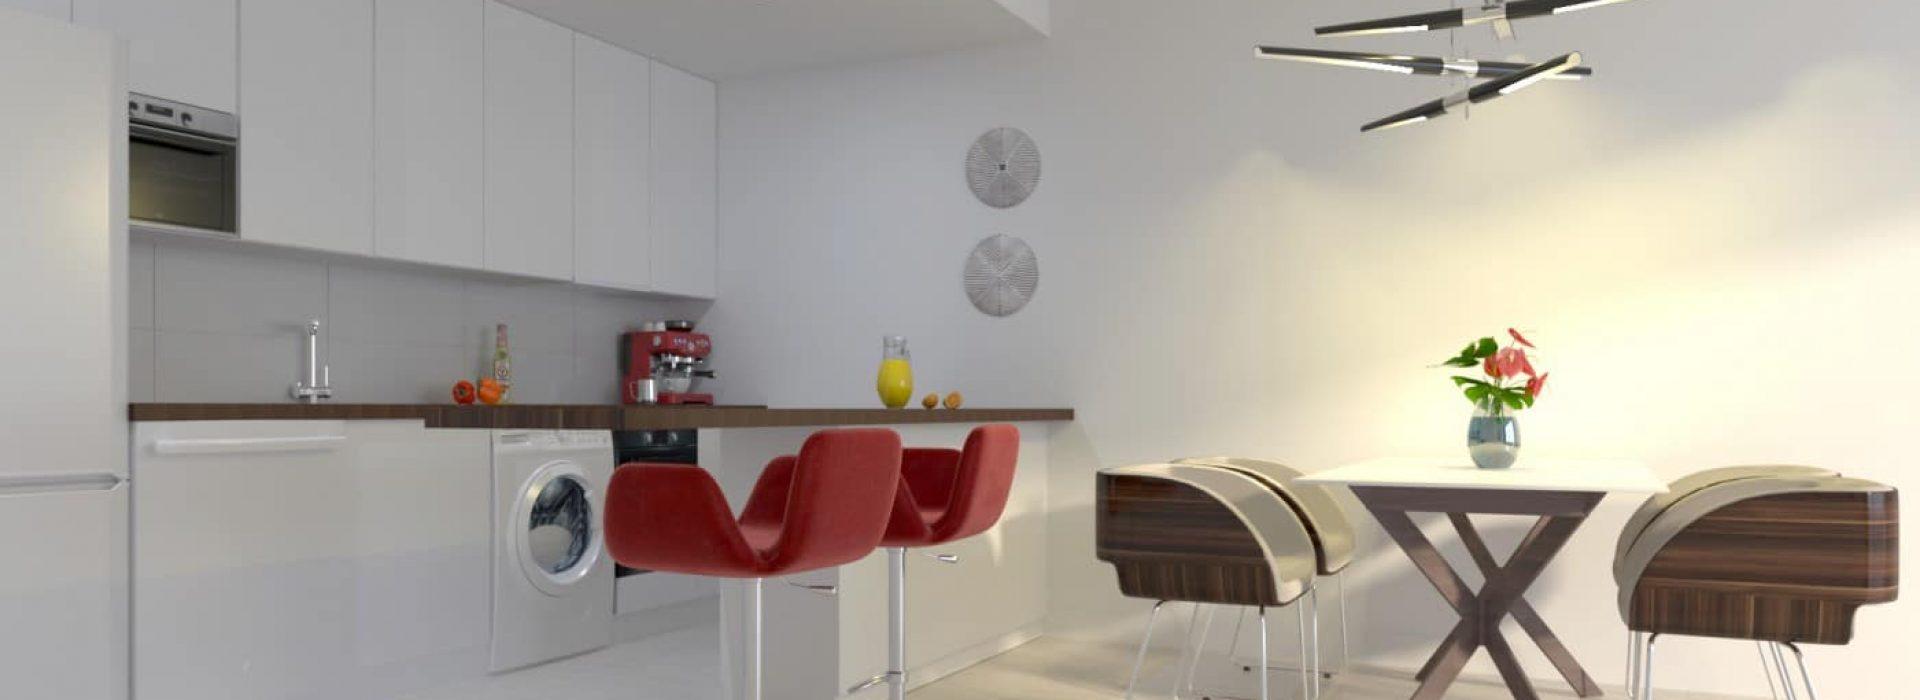 nowe-apartamenty-w-kompleksie-z-pieknymi-basenami-4-17903